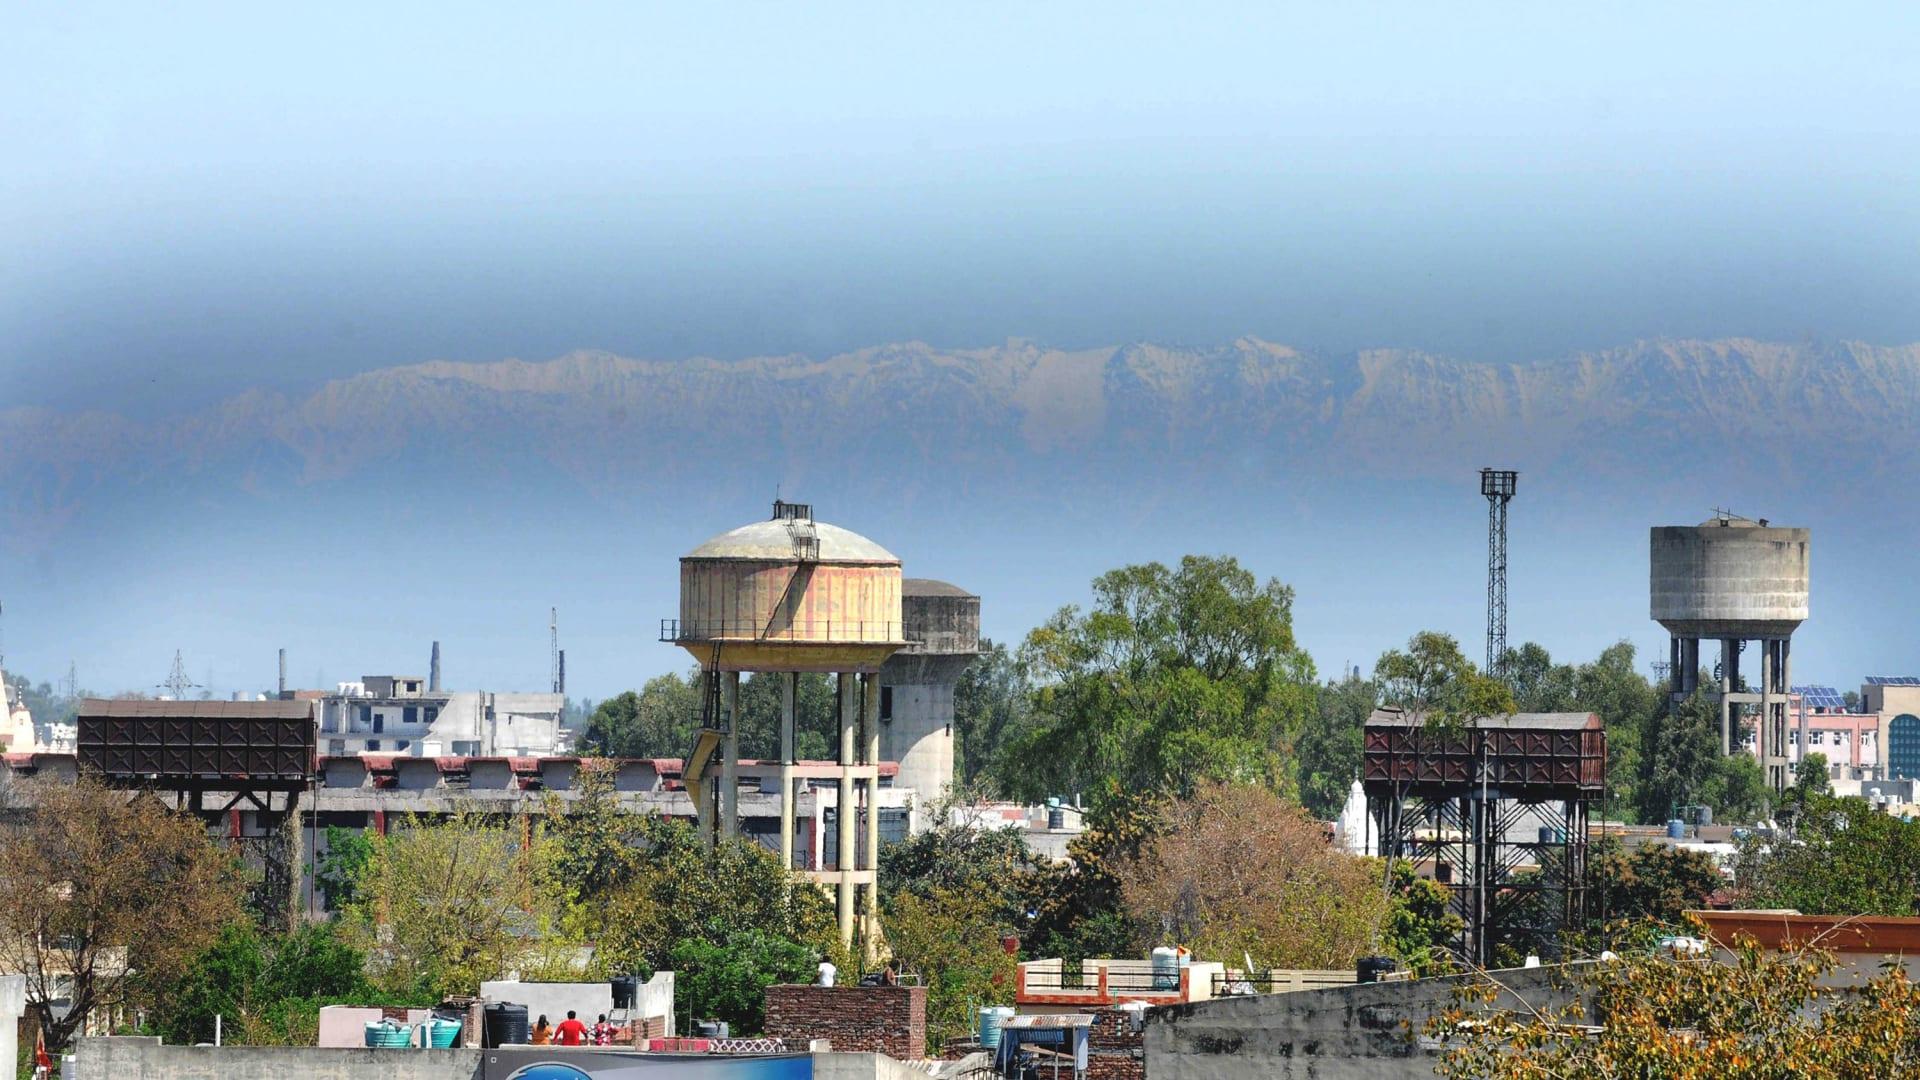 لأول مرة من عقود.. سكان الهند يرون جبال الهيمالايا بسبب انخفاض التلوث